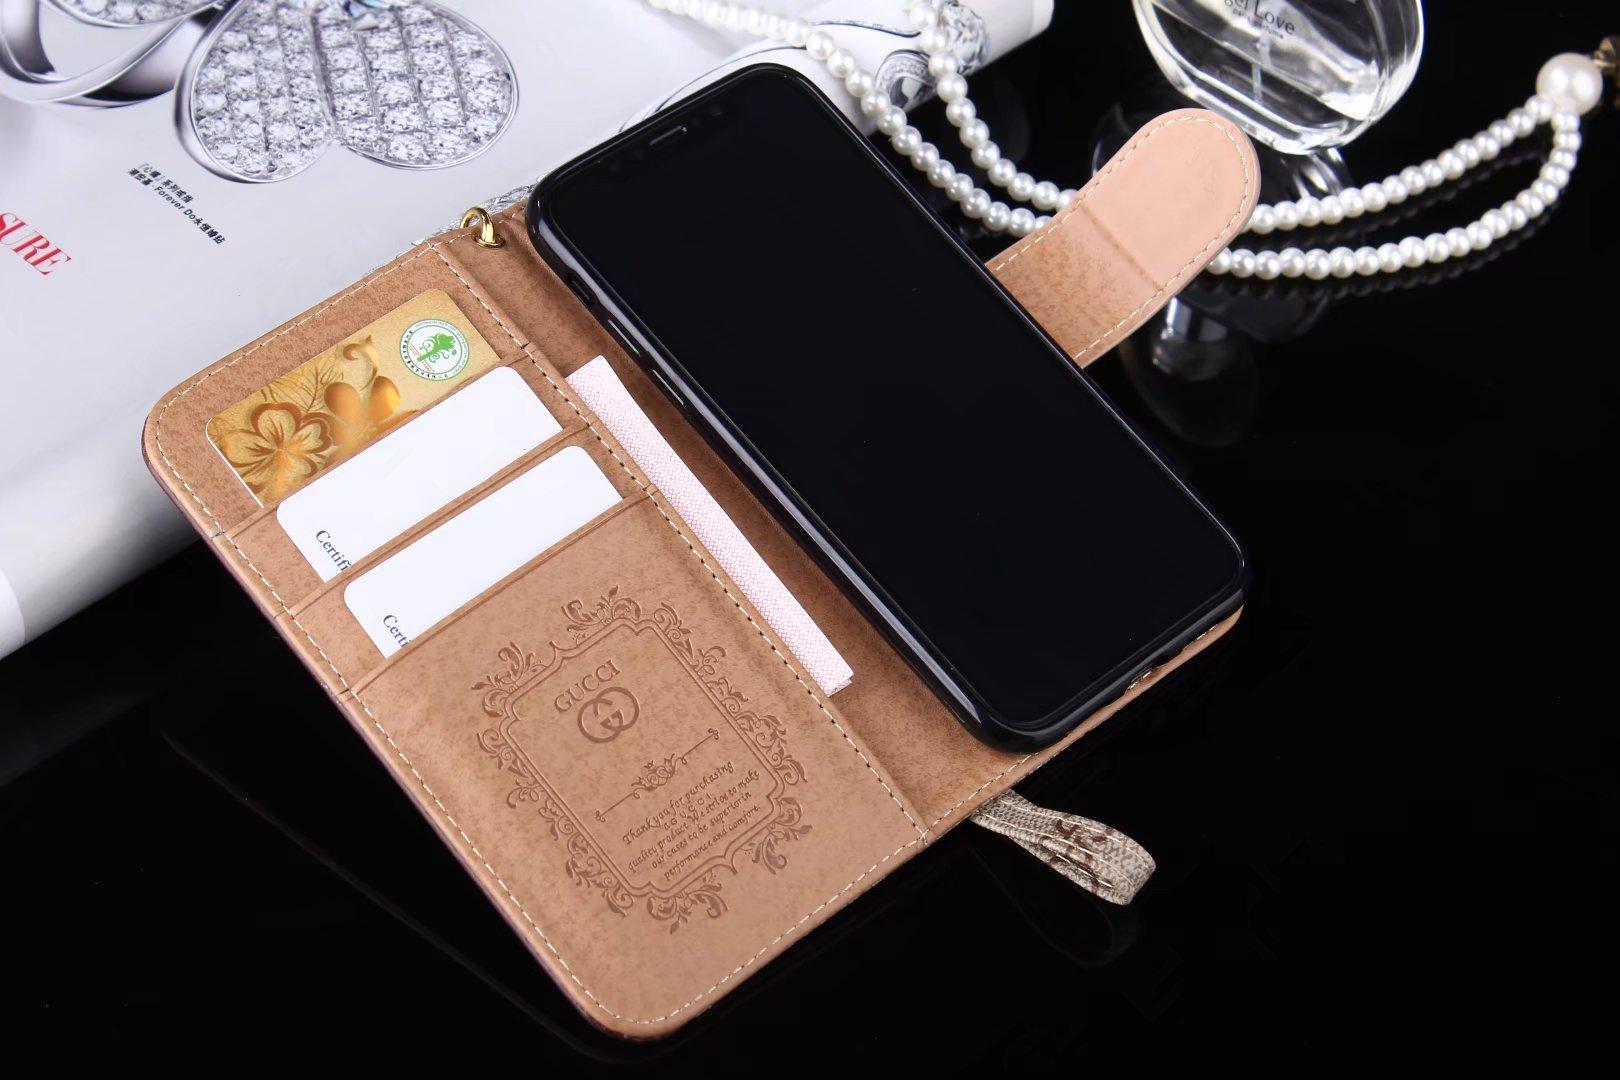 iphone hüllen bestellen iphone case gestalten Gucci iphone X hüllen sX hülle Xlbst gestalten iphone X ohne hülle iphone caX elber handykappen mit foto iphone X hutzhülle mit akku größe iphone X